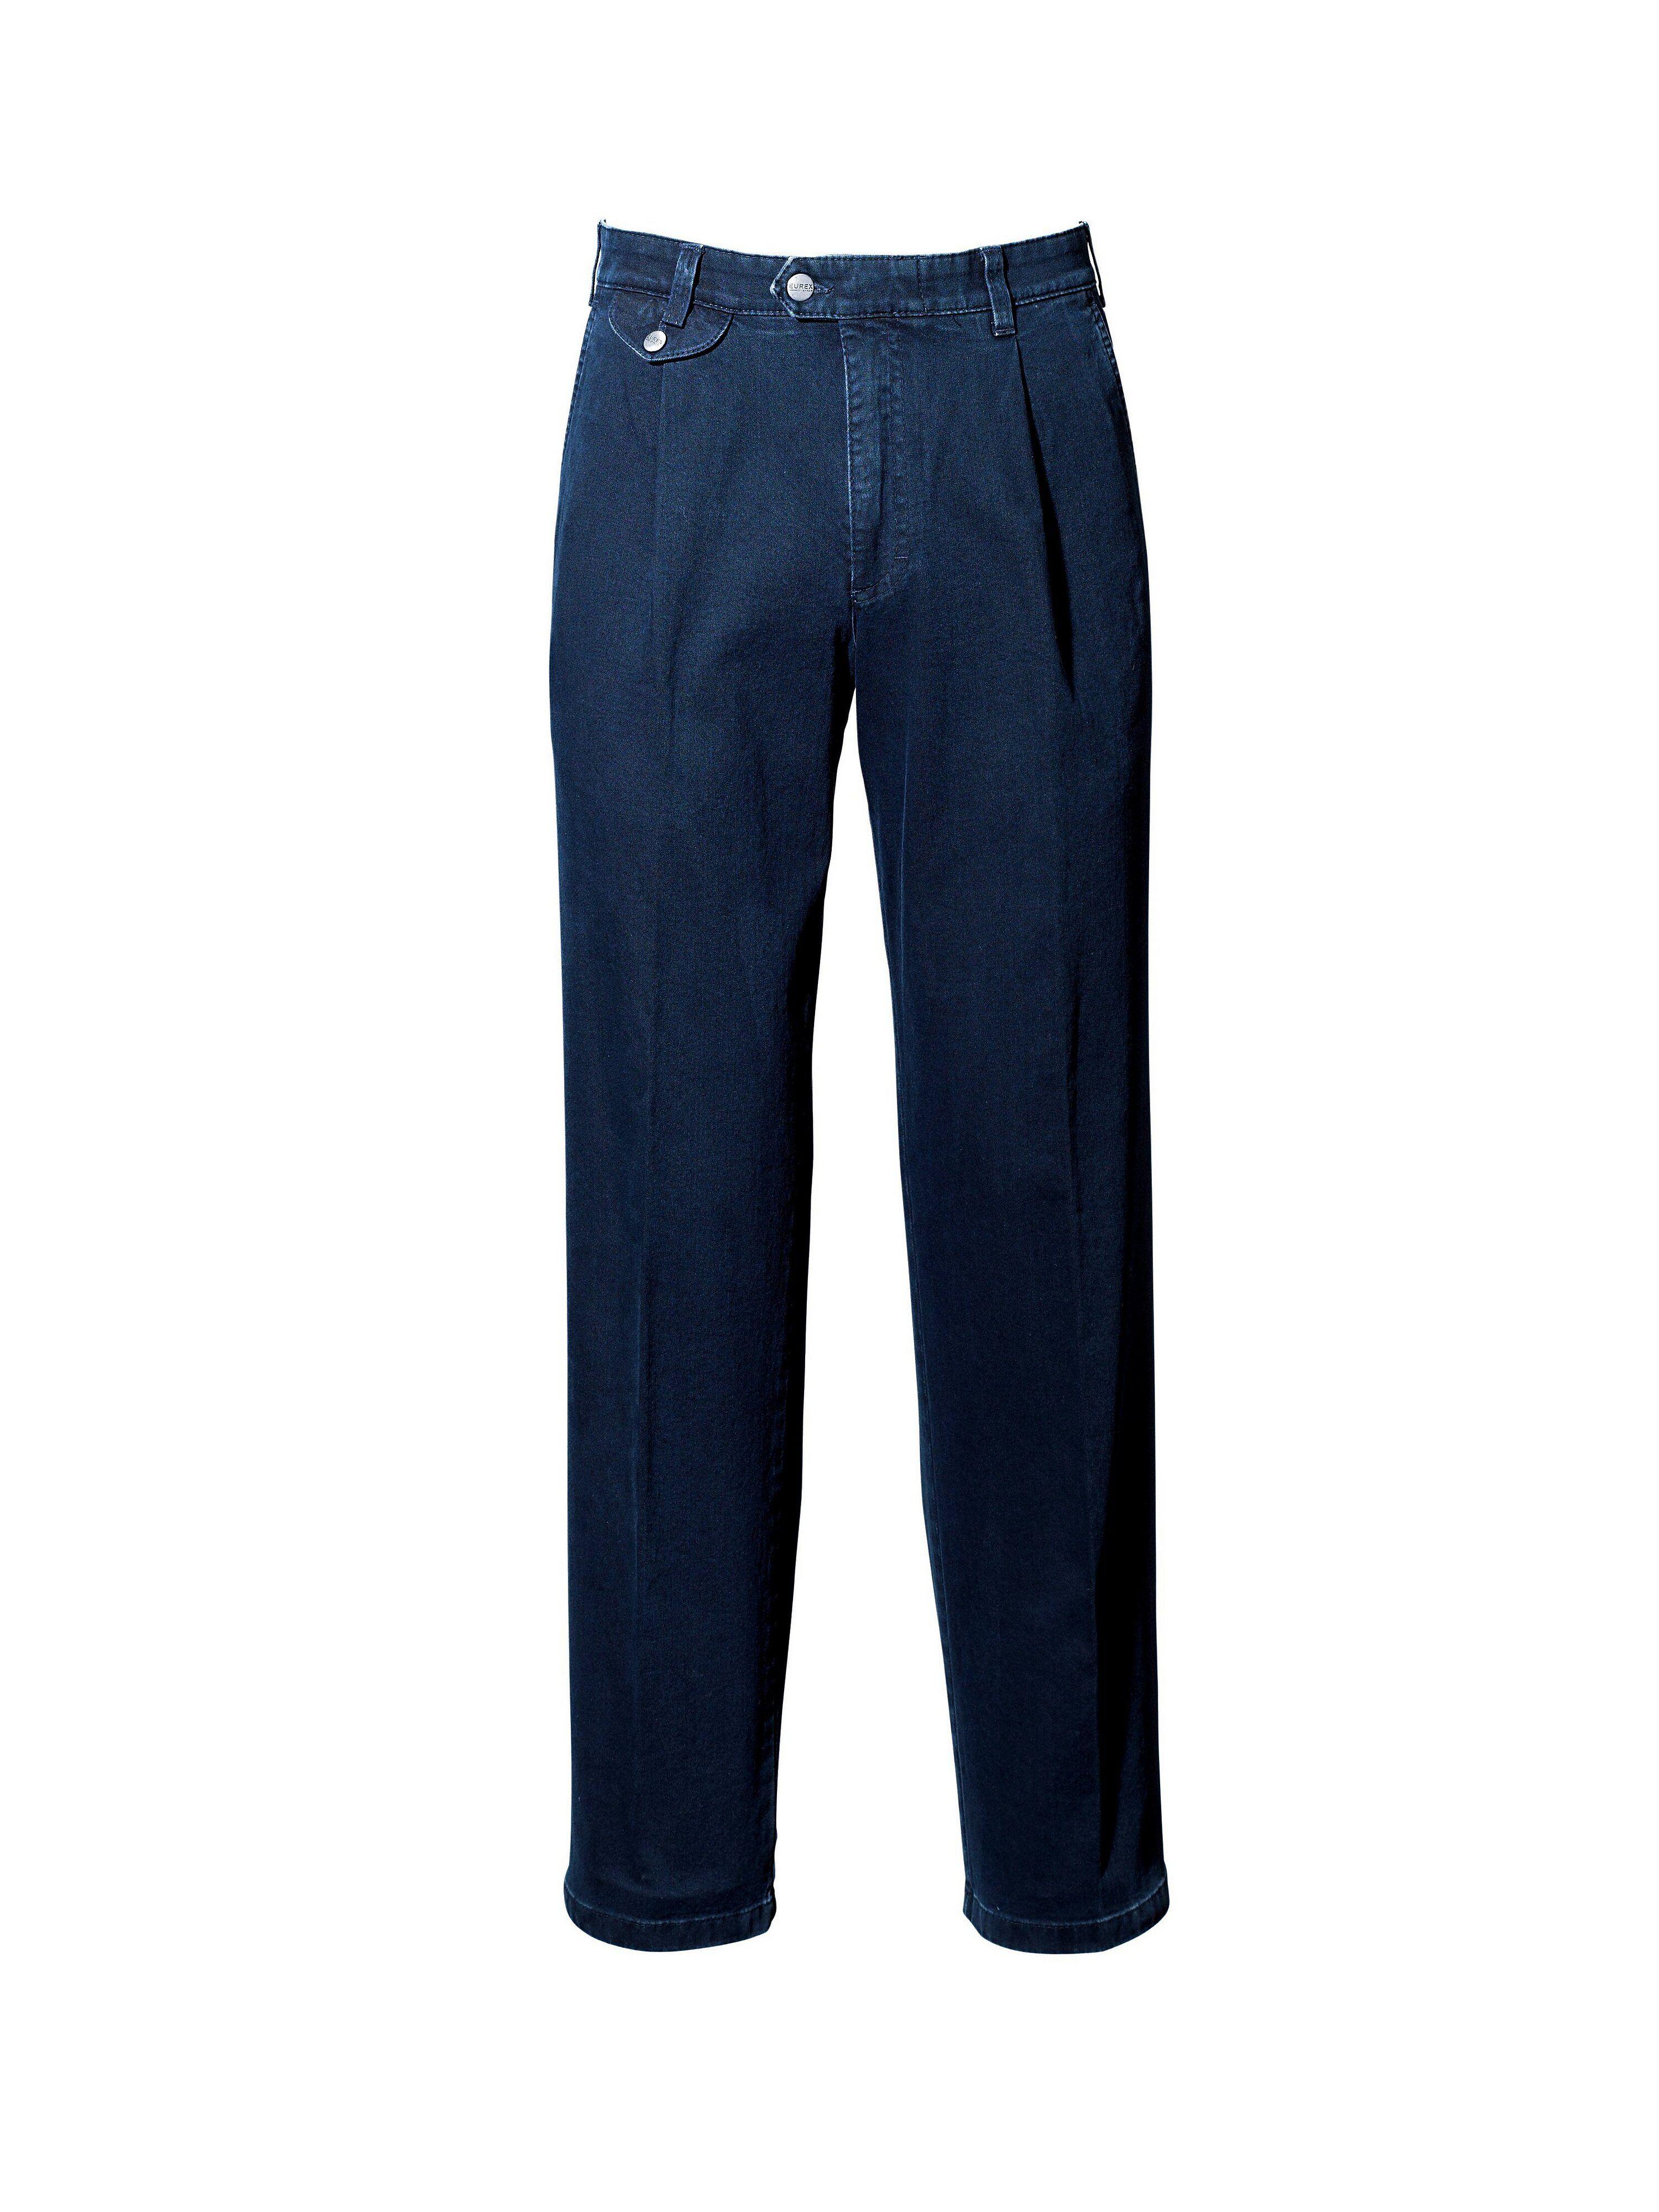 Brax Le jean à pinces modèle Fred  Eurex by Brax denim  - Homme - 26